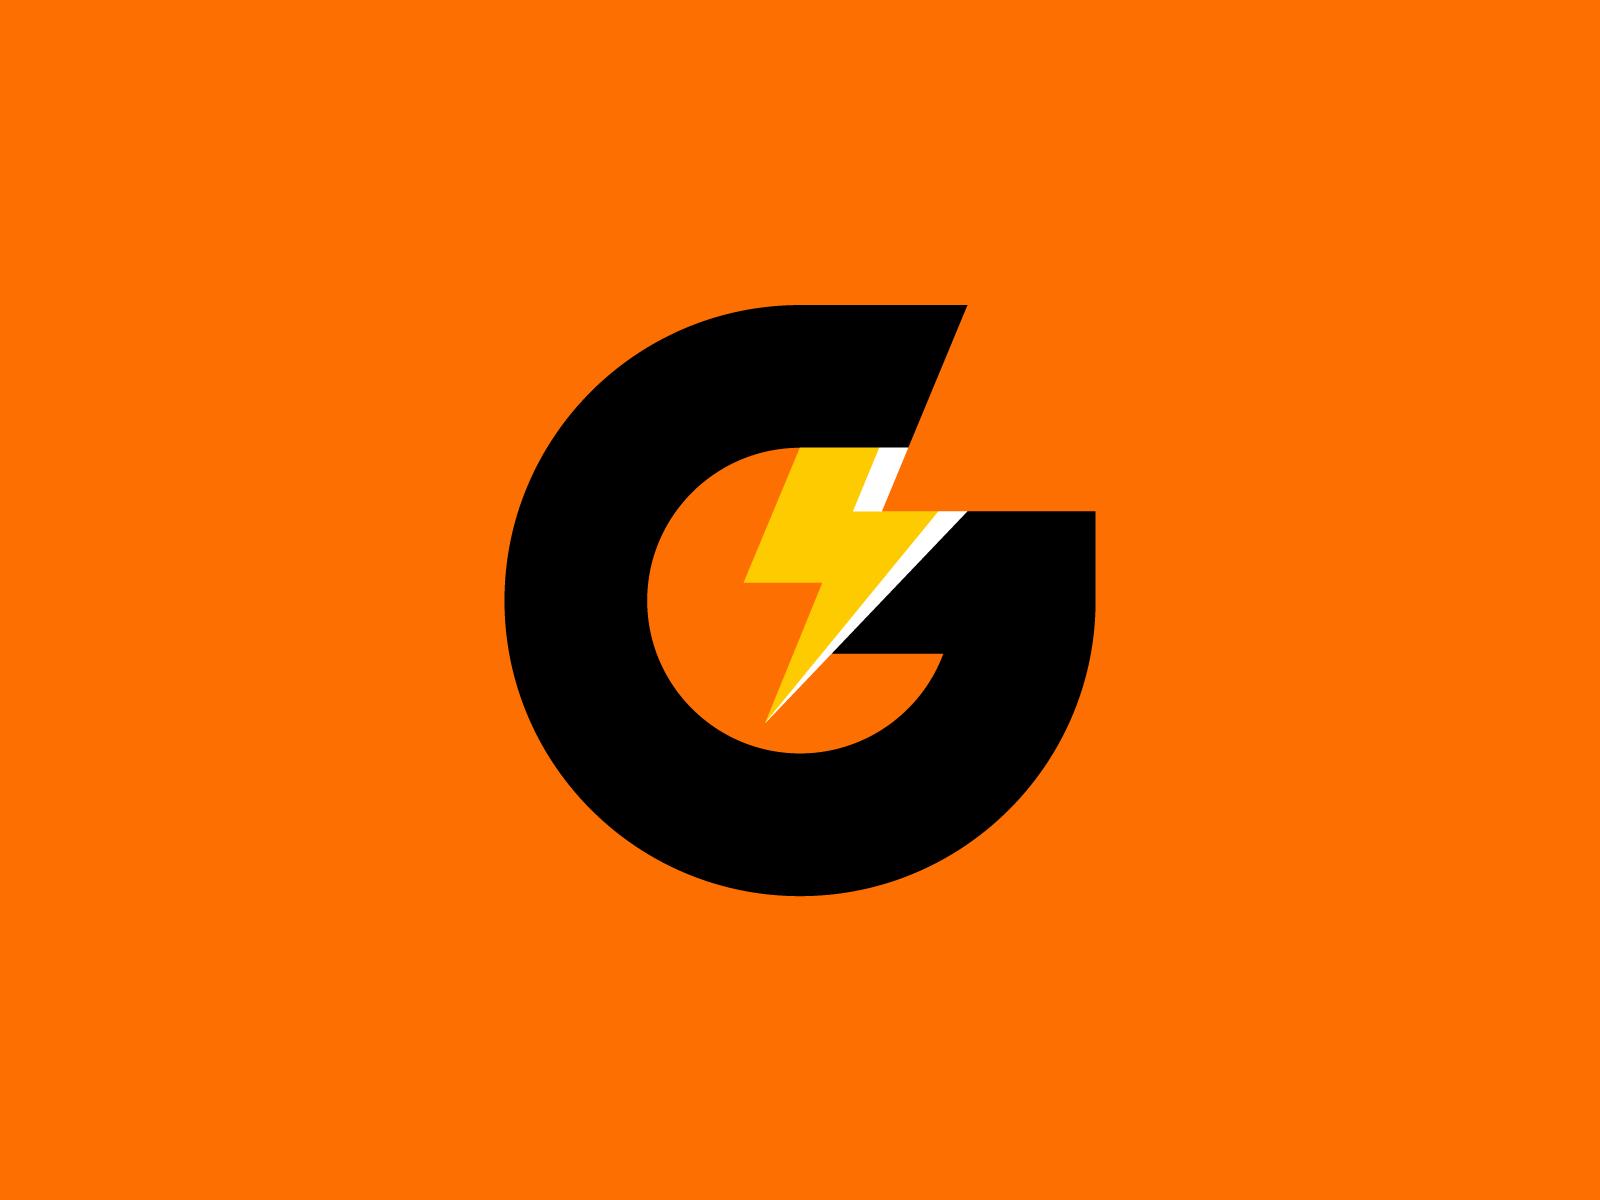 Gatorade Rebrand Rebranding Rebranding Logo Gatorade